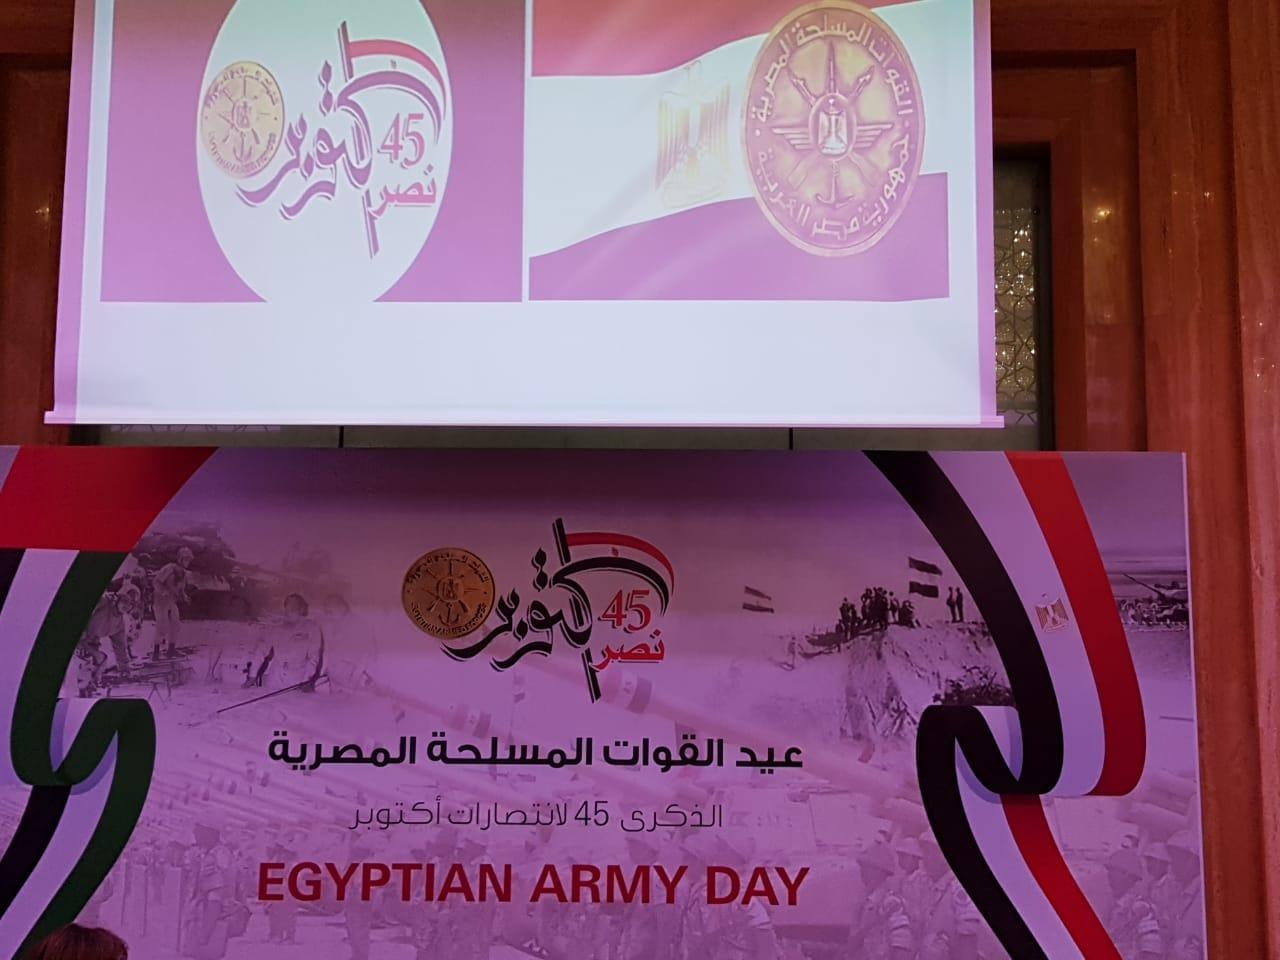 أخر كلام مكتب الدفاع المصري بأبو ظبي يحتفي بذكري انتصارات أكتوبر